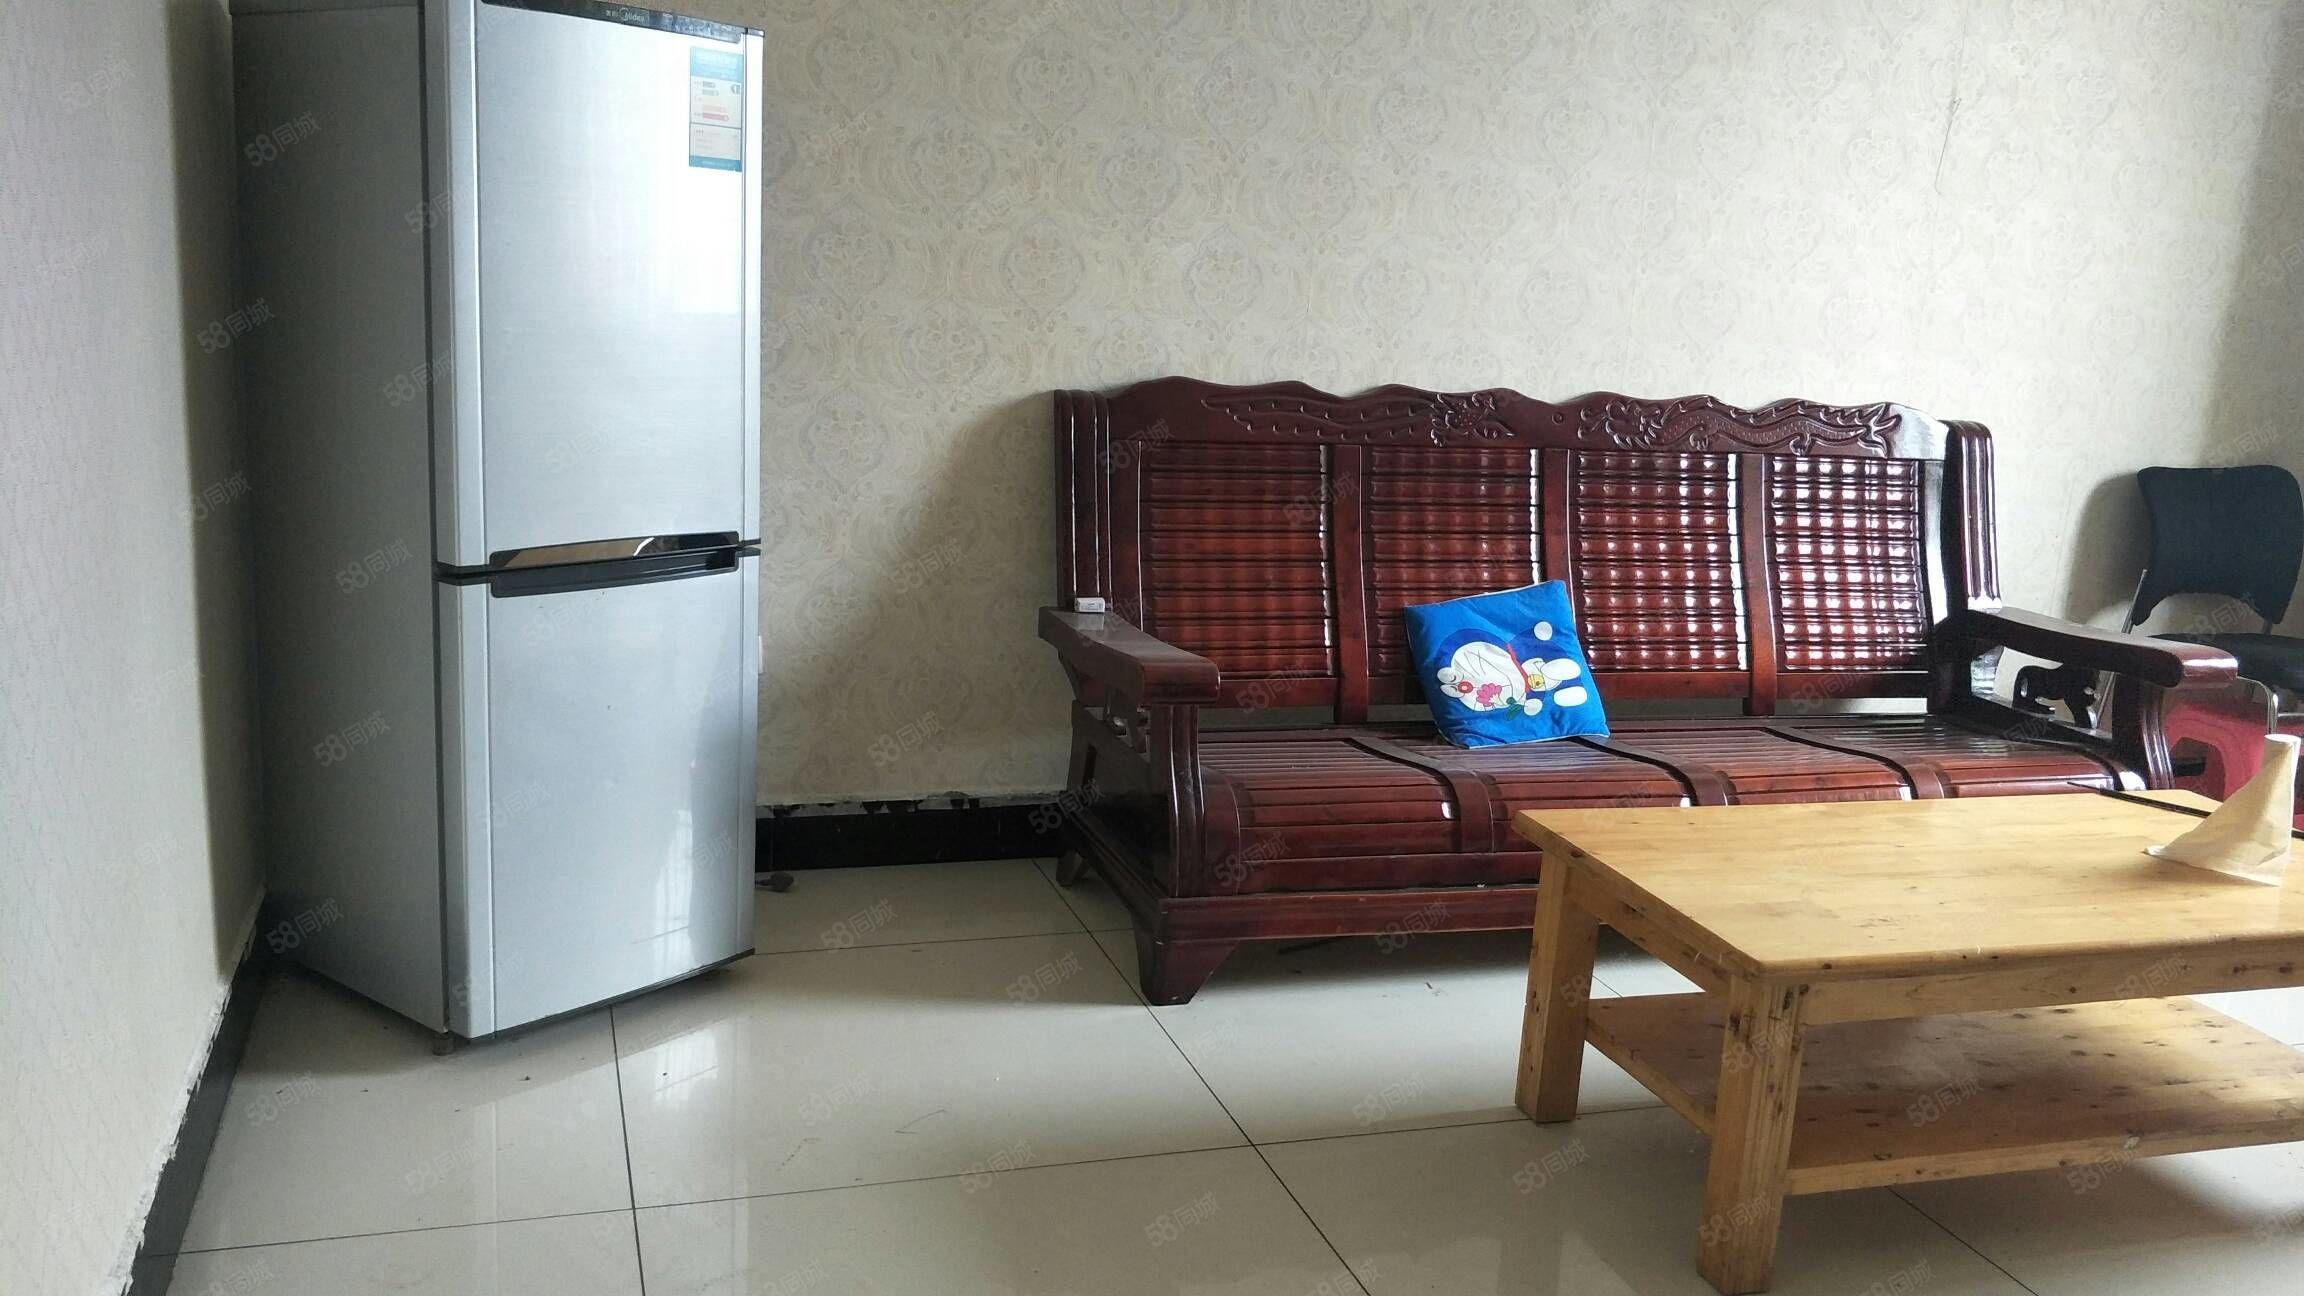 金码头两室一厅一厨一卫全装修诚心租房,电话联系看房方便,